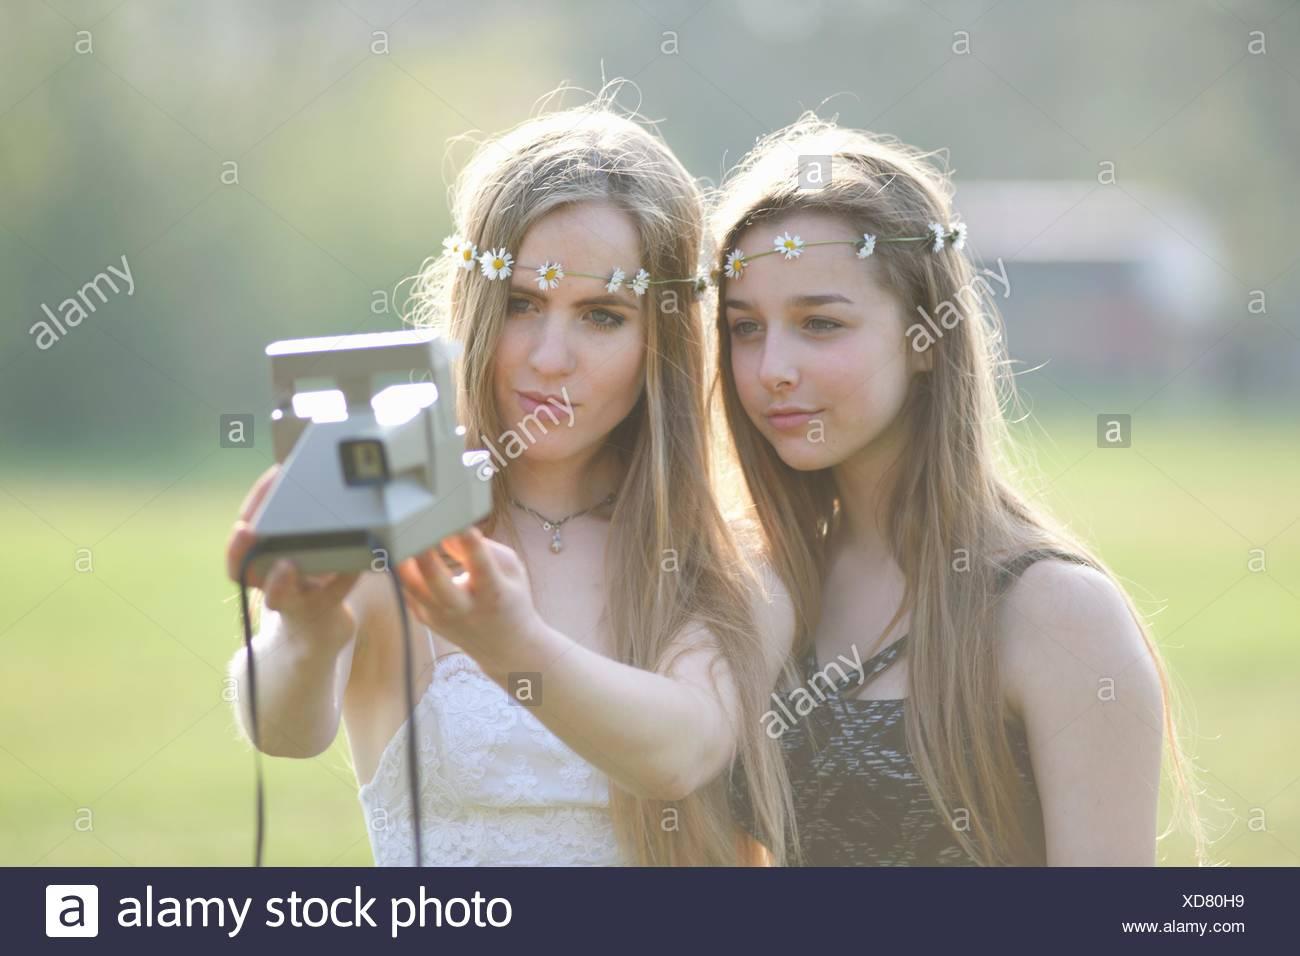 Due ragazze adolescenti in stazionamento tenendo la fotocamera istantanea selfie Immagini Stock